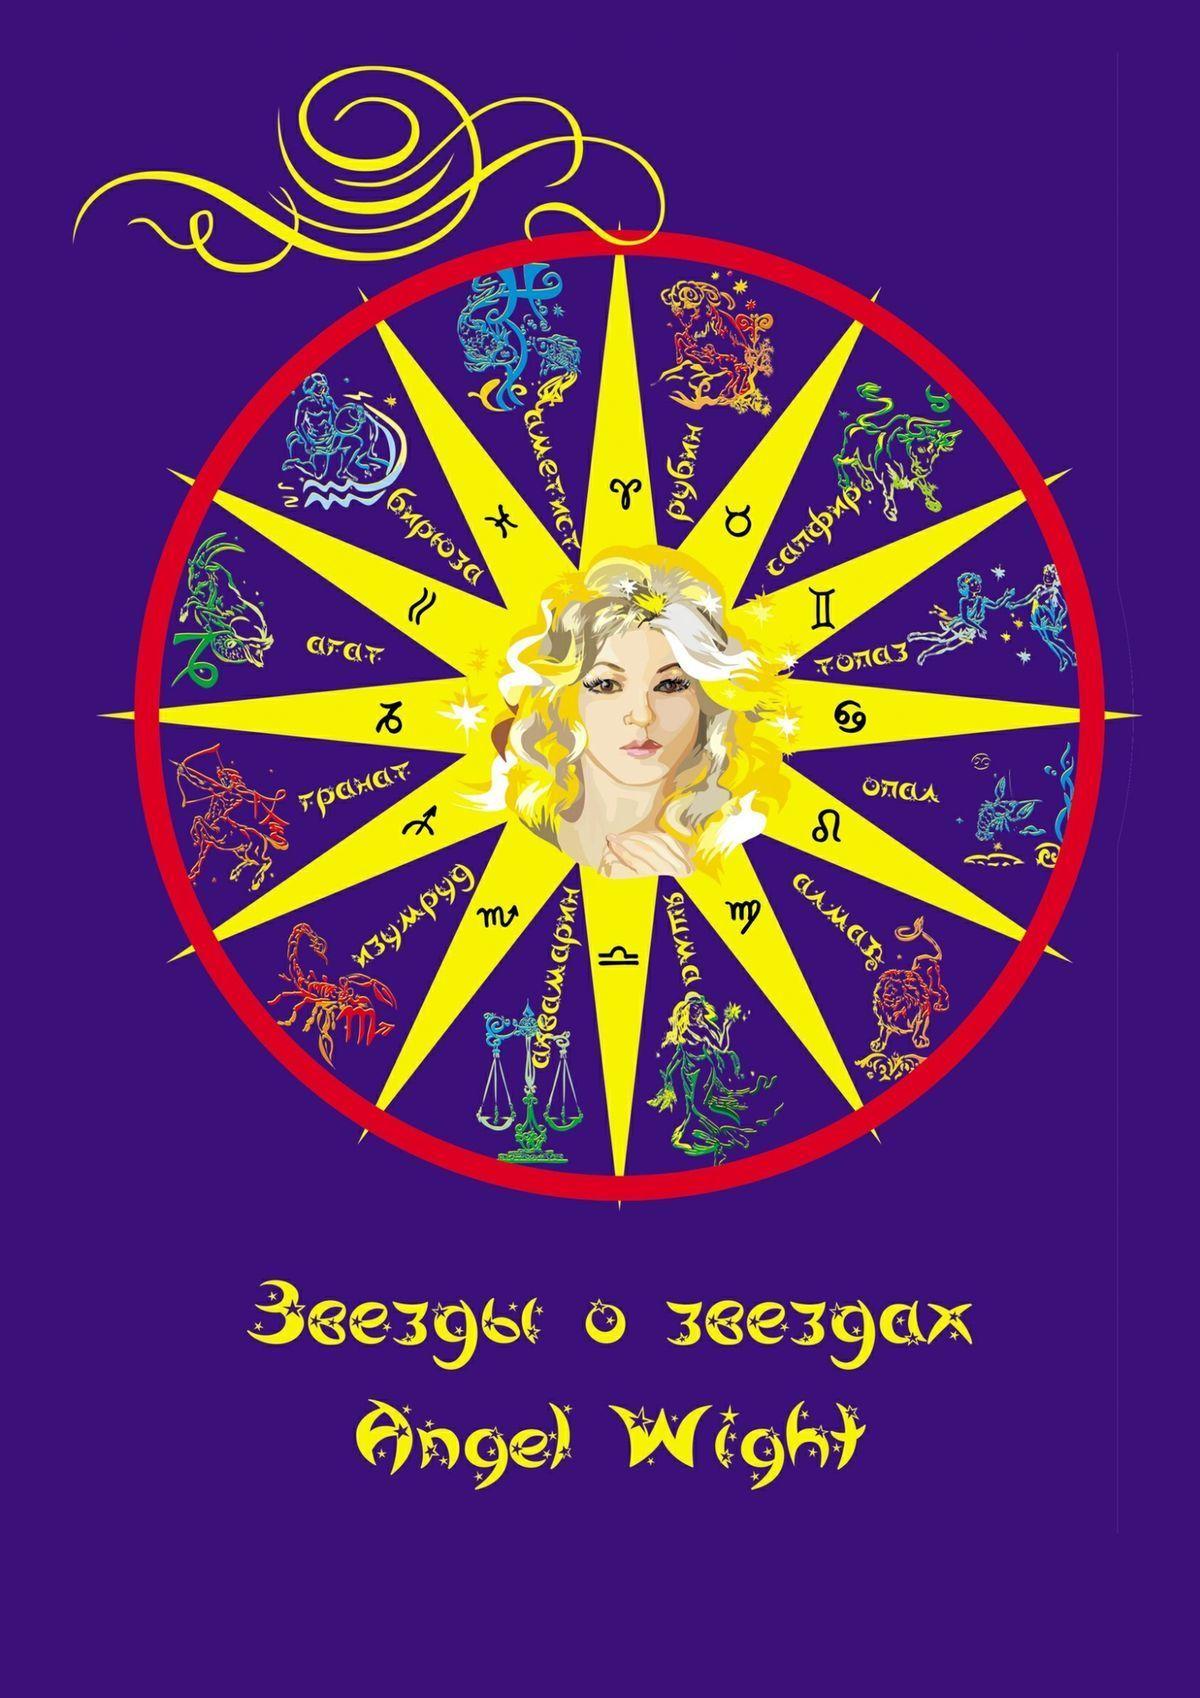 Angel Wight Звезды озвездах angel wight gemini zodiac